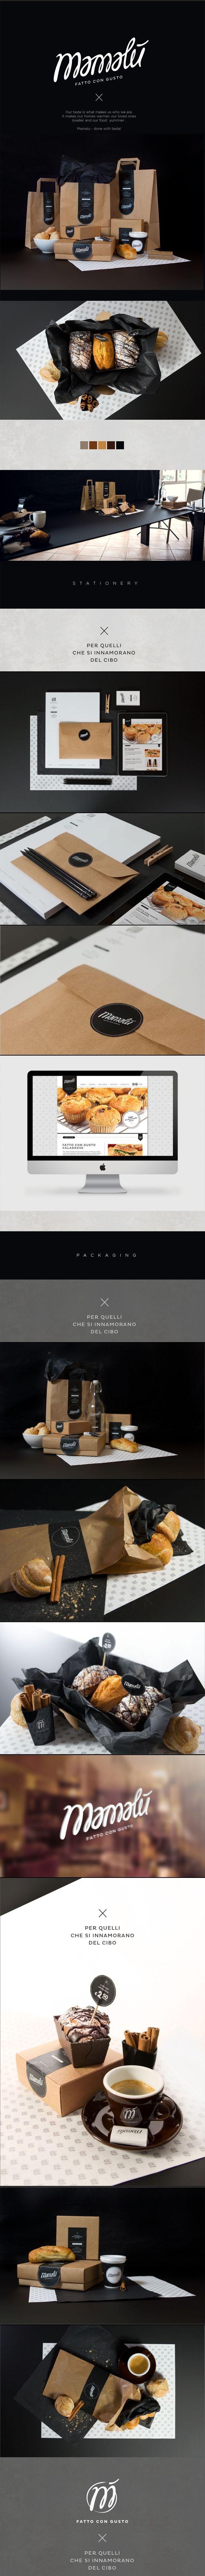 ไอเดียสำหรับการพิมพ์ สติ๊กเกอร์ฉลากสินค้า // สไตล์การออกแบบ ดีไซน์แบบเรียบๆ ฉลากไว้ใช้สำหรับ แปะกล่องกระดาษ ถุงกาแฟ